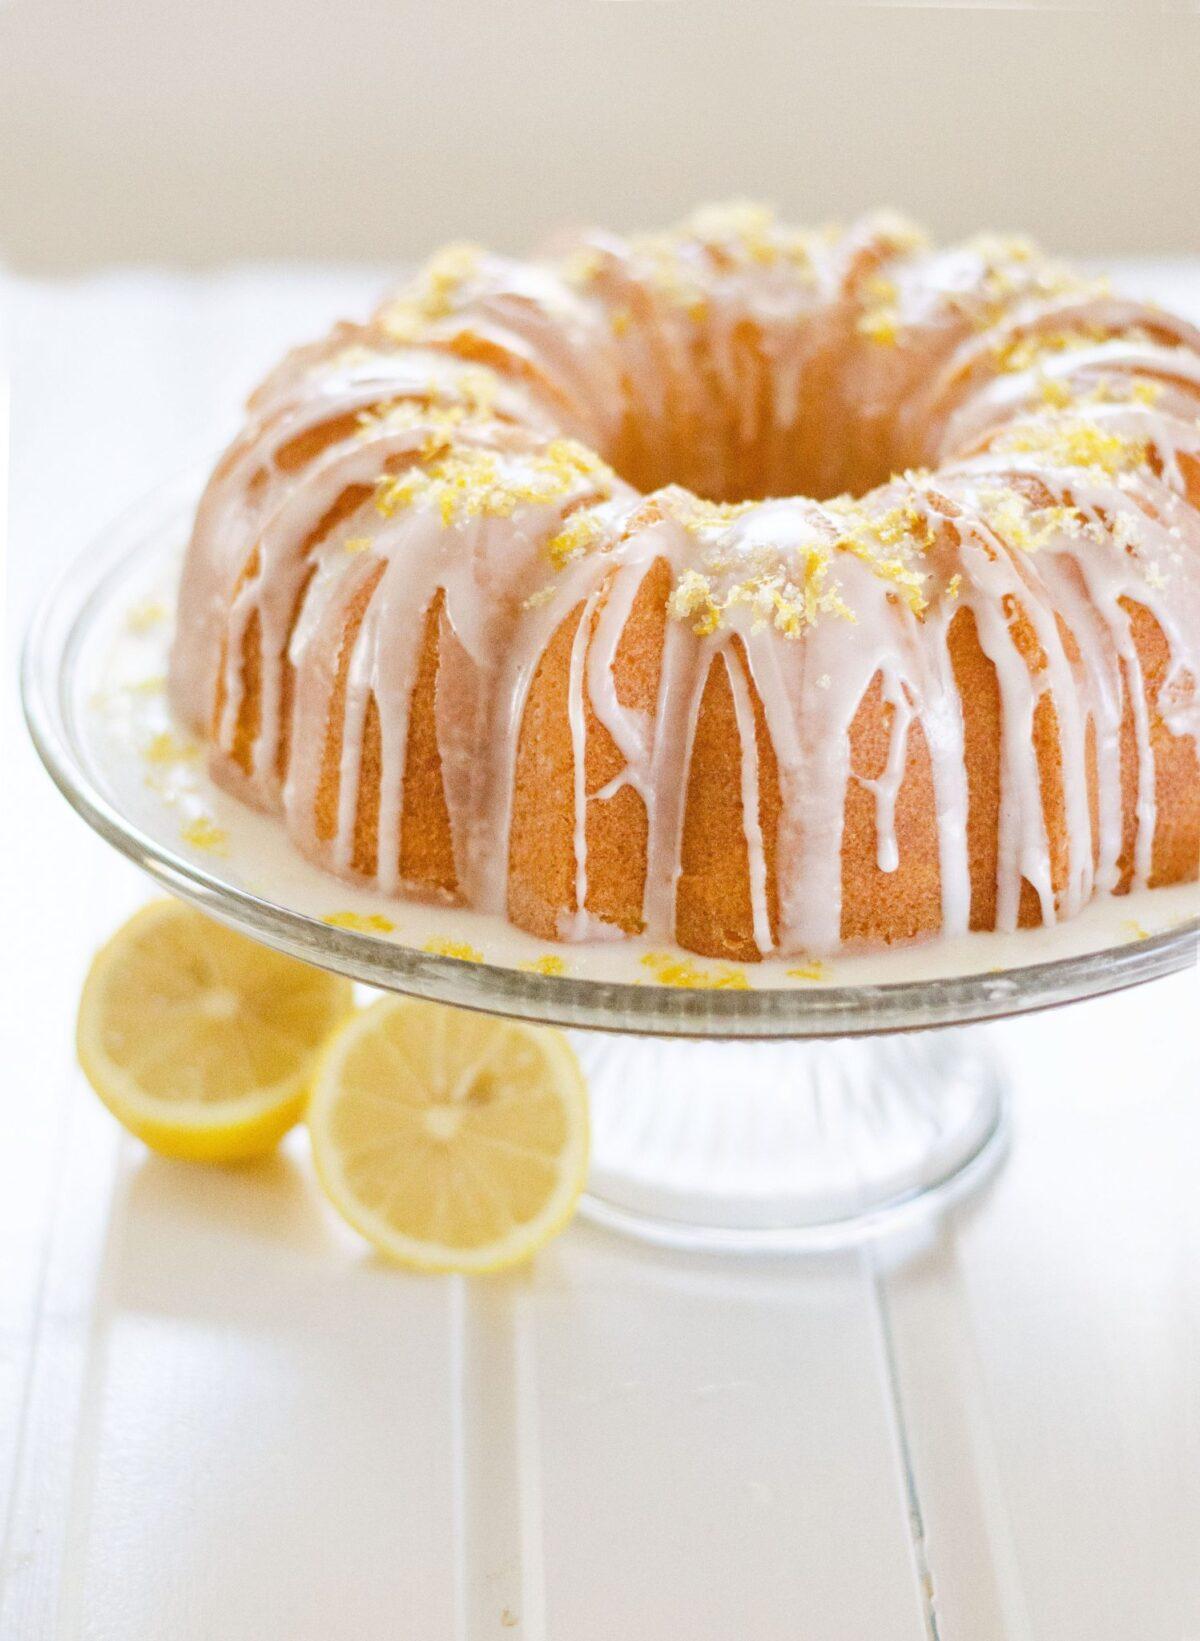 Resep Lemon Cake, Lembut Dan Enak